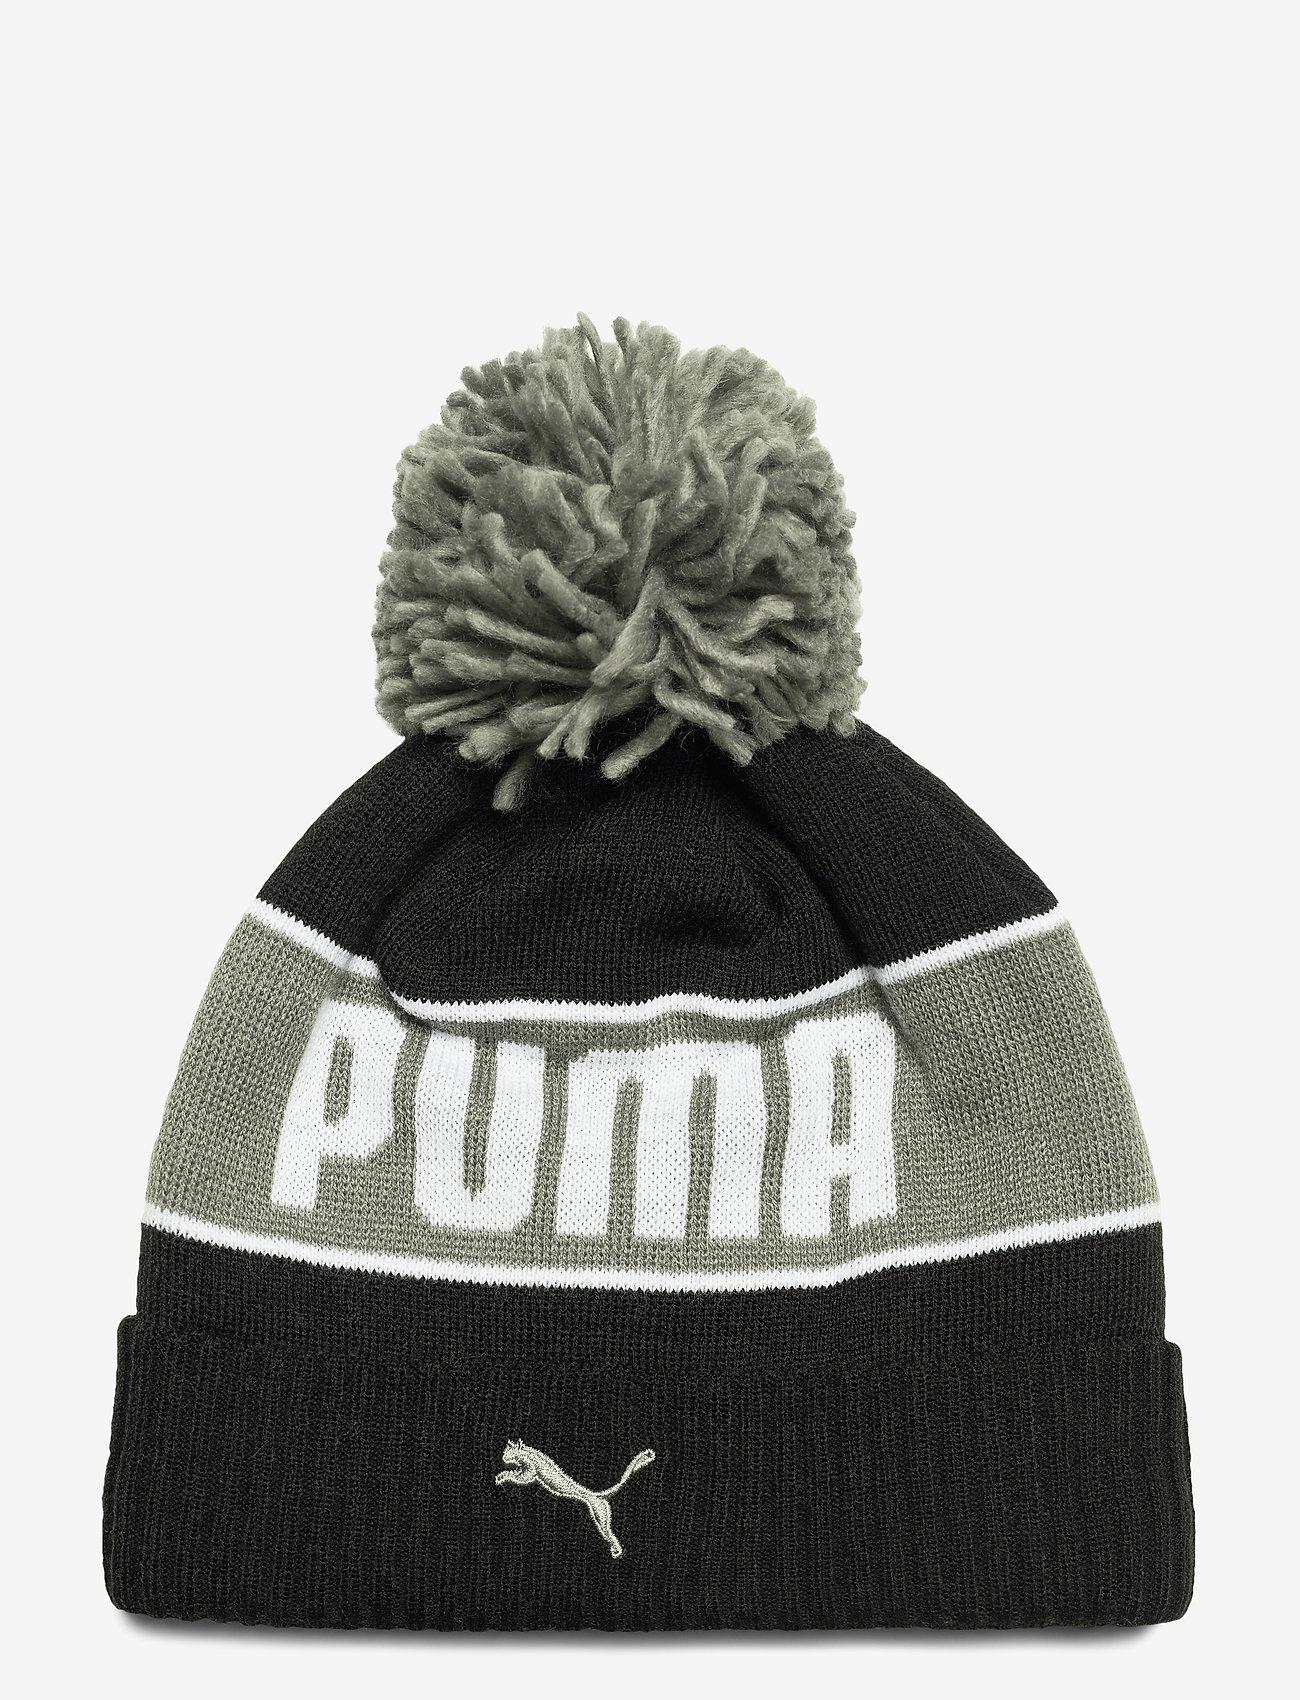 PUMA - PUMA POM Beanie - puma black-ultra gray - 0